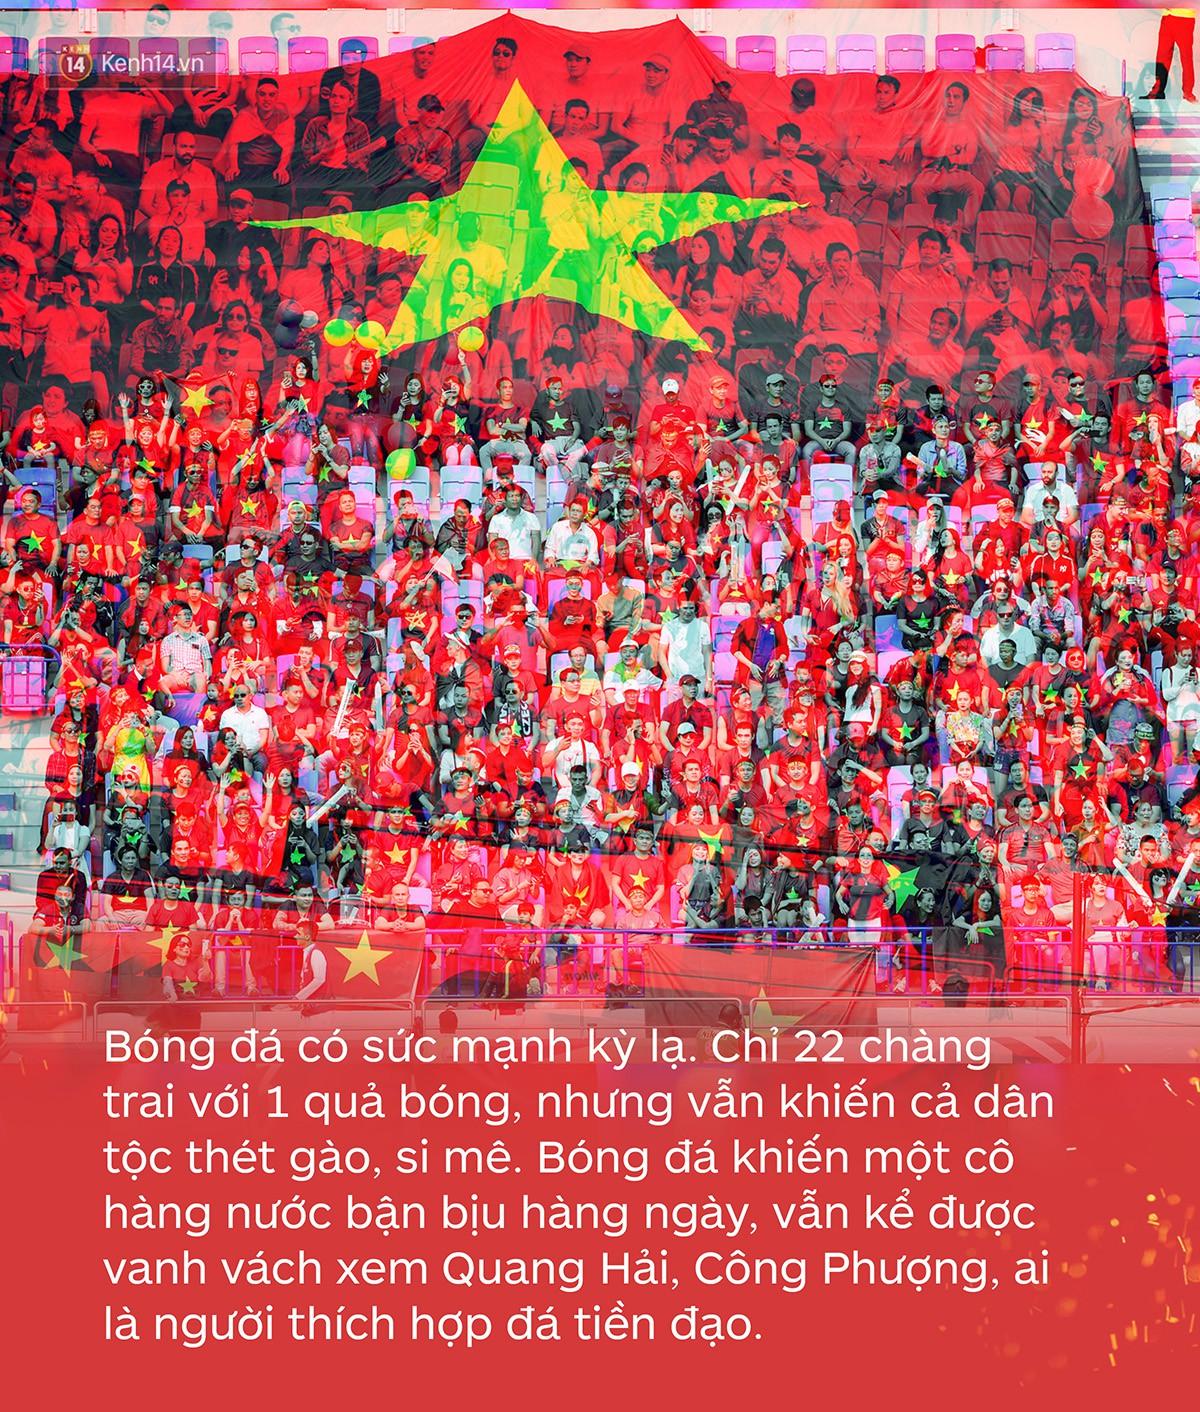 Đội tuyển Việt Nam: Kỳ tích châu Á và sự trỗi dậy tạo cảm hứng cho cả dân tộc - Ảnh 1.